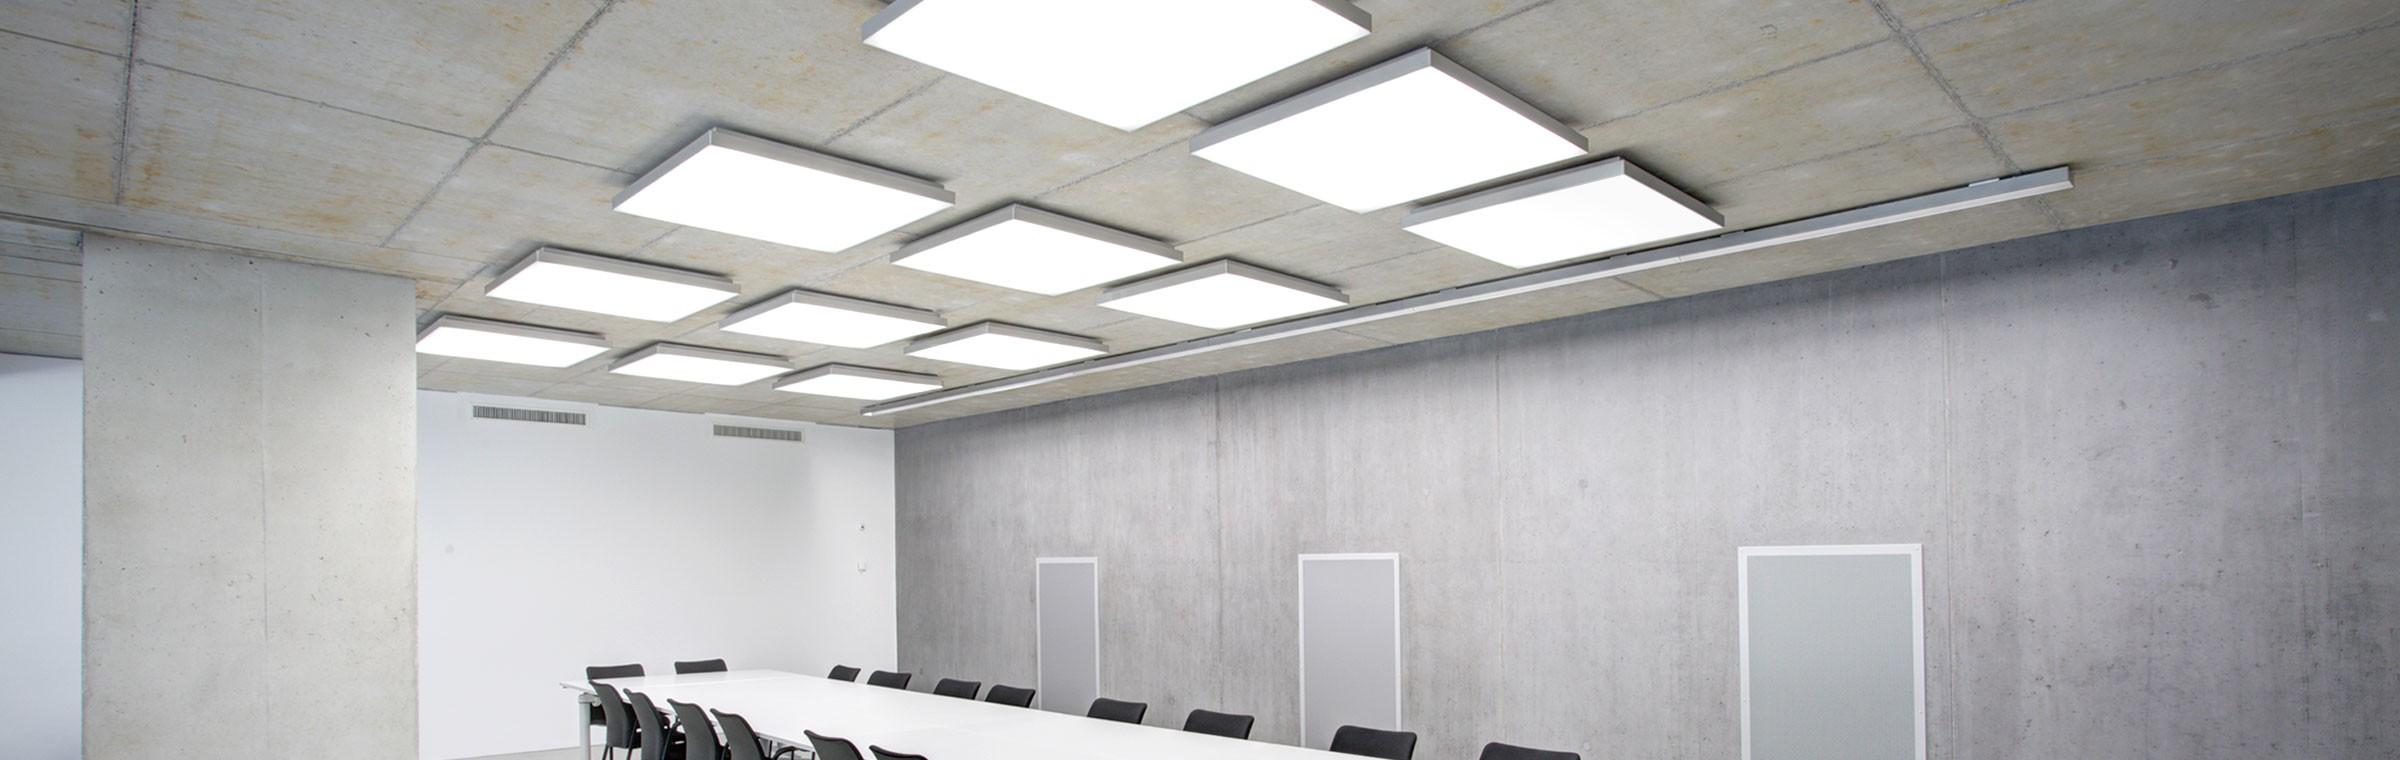 Bemutatjuk a fény sokoldalúságát. Tekintse meg néhány projektünket.